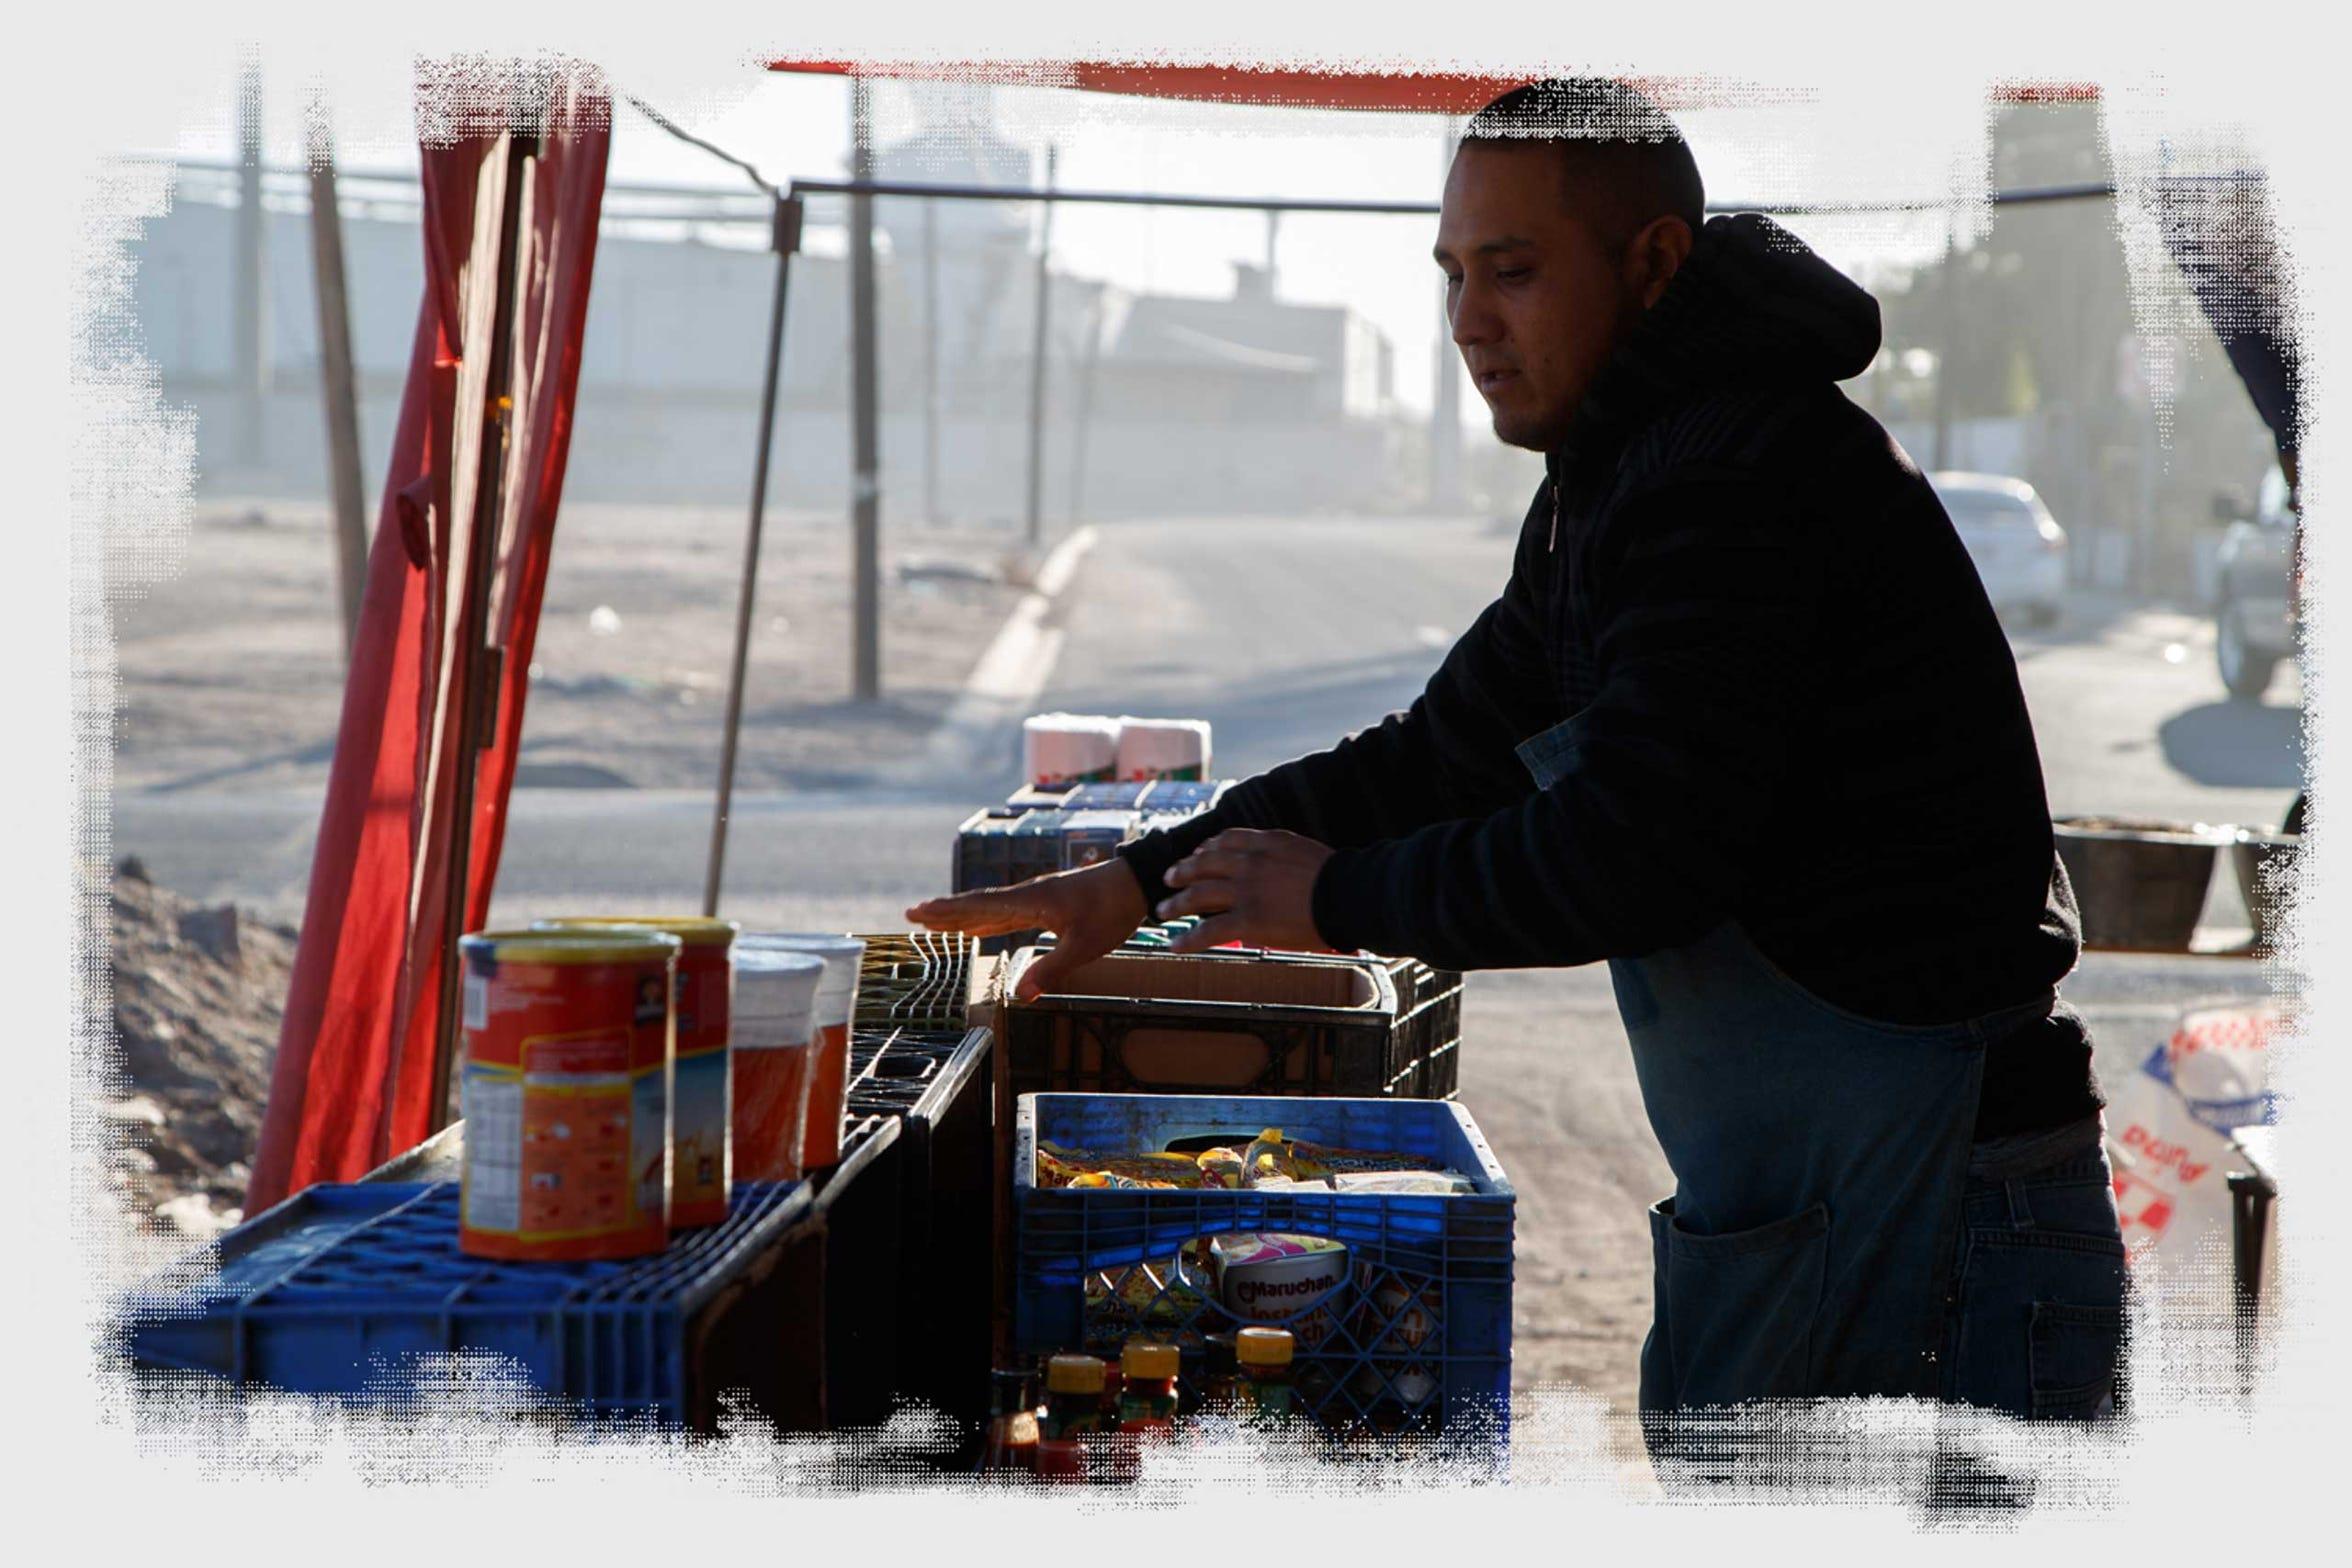 Luis Alberto Rodríguez distribuye comida en un pequeño mercado callejero, situado en un vecindario rodeado por varias fábricas en Mexicali.